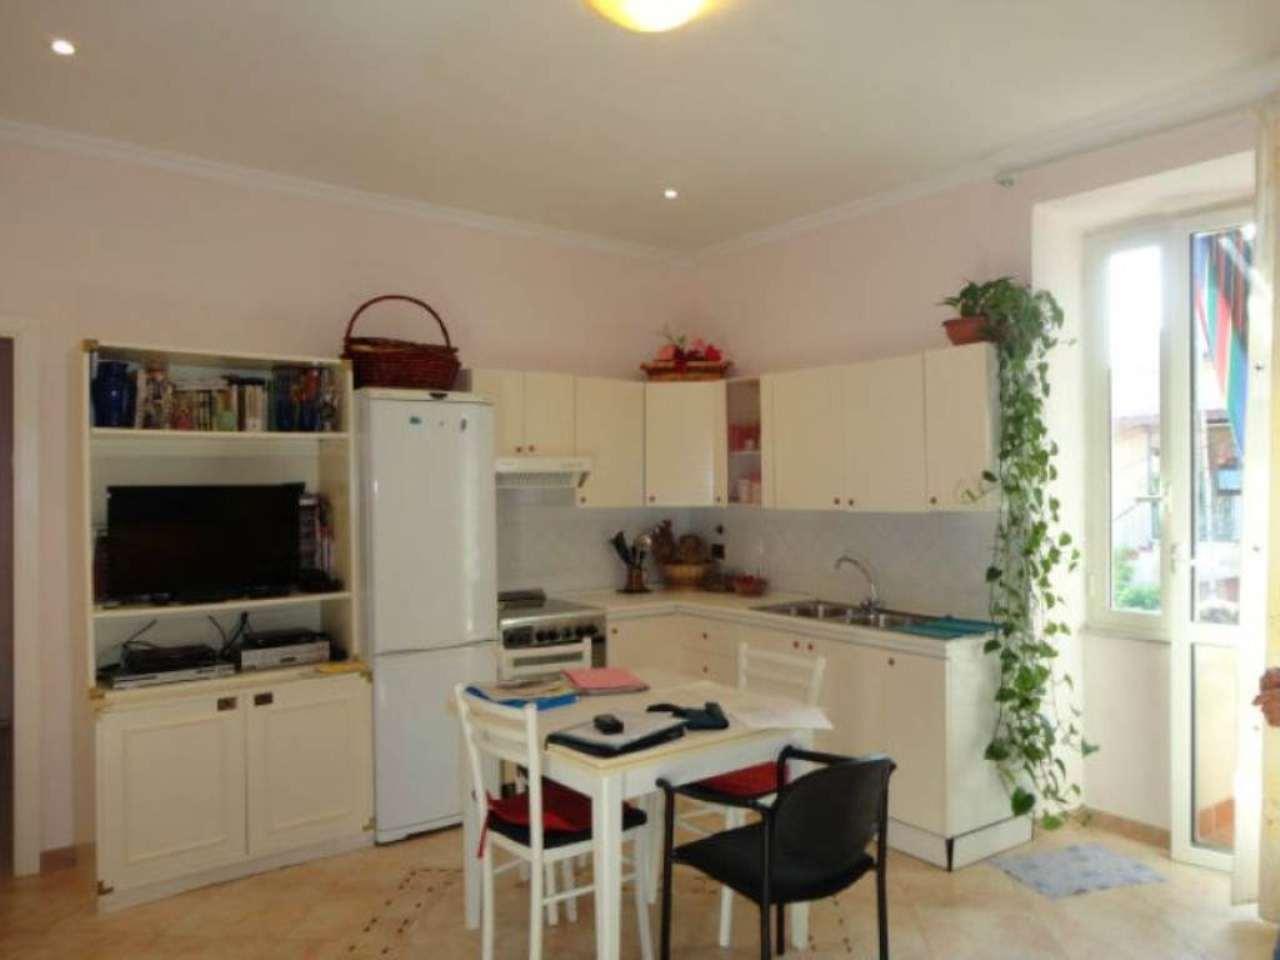 Appartamento in vendita a Genzano di Roma, 3 locali, prezzo € 135.000   Cambio Casa.it